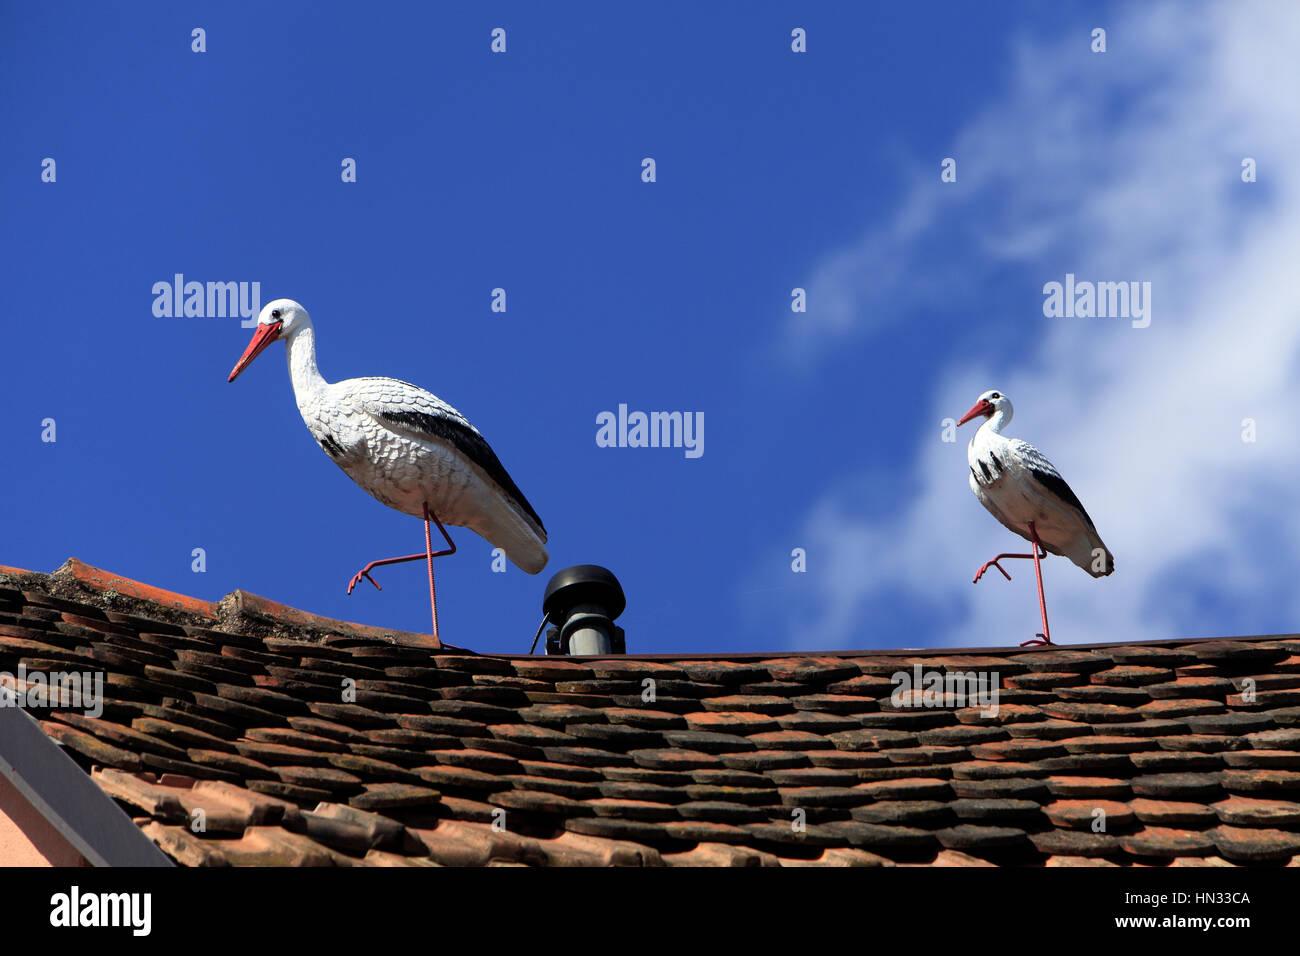 Fausse Cigogne en décoration sur un toit. Ribeauvillé.  F 68 - Stock Image